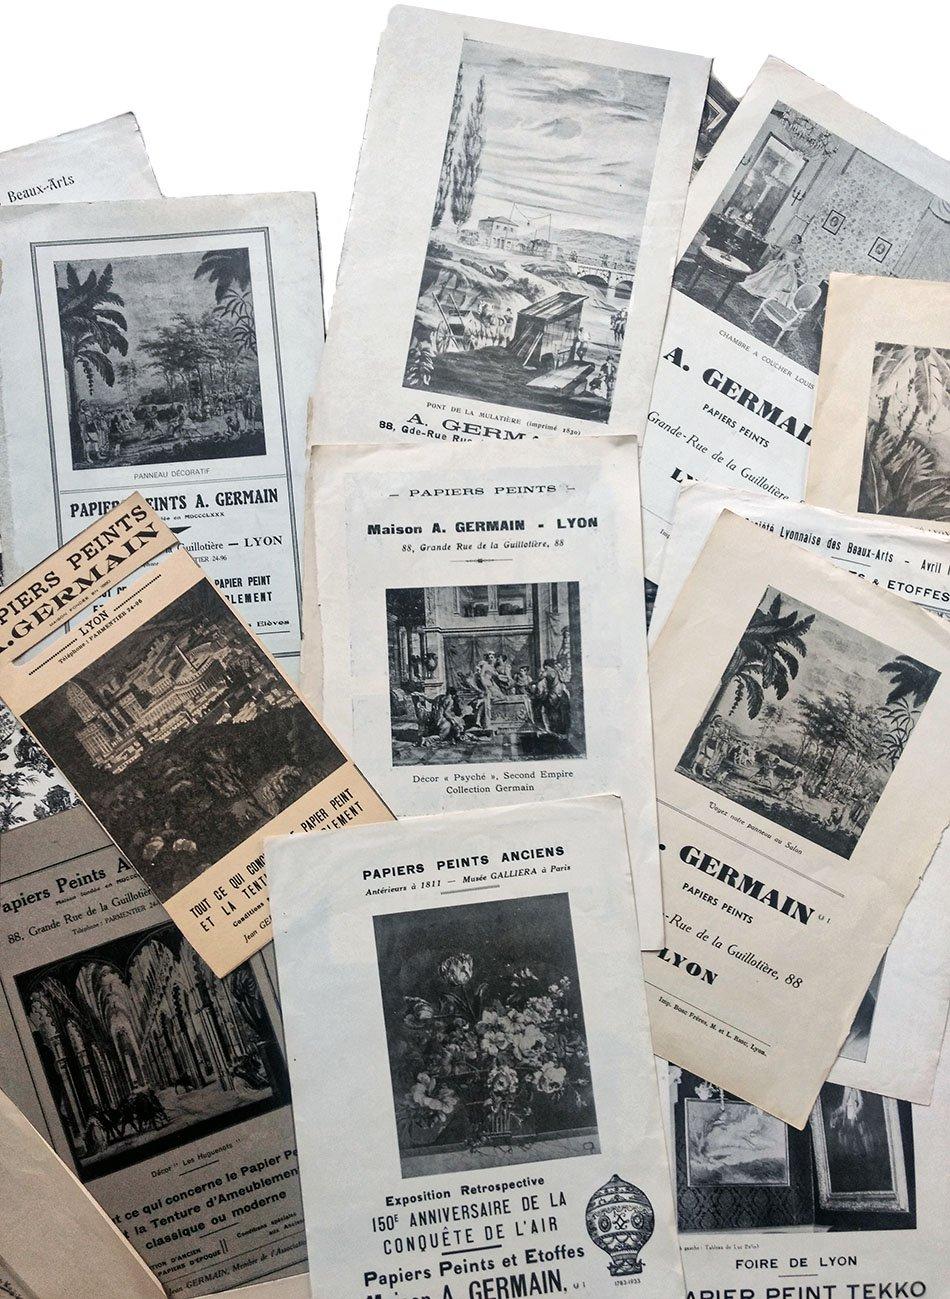 Publicités papiers peints